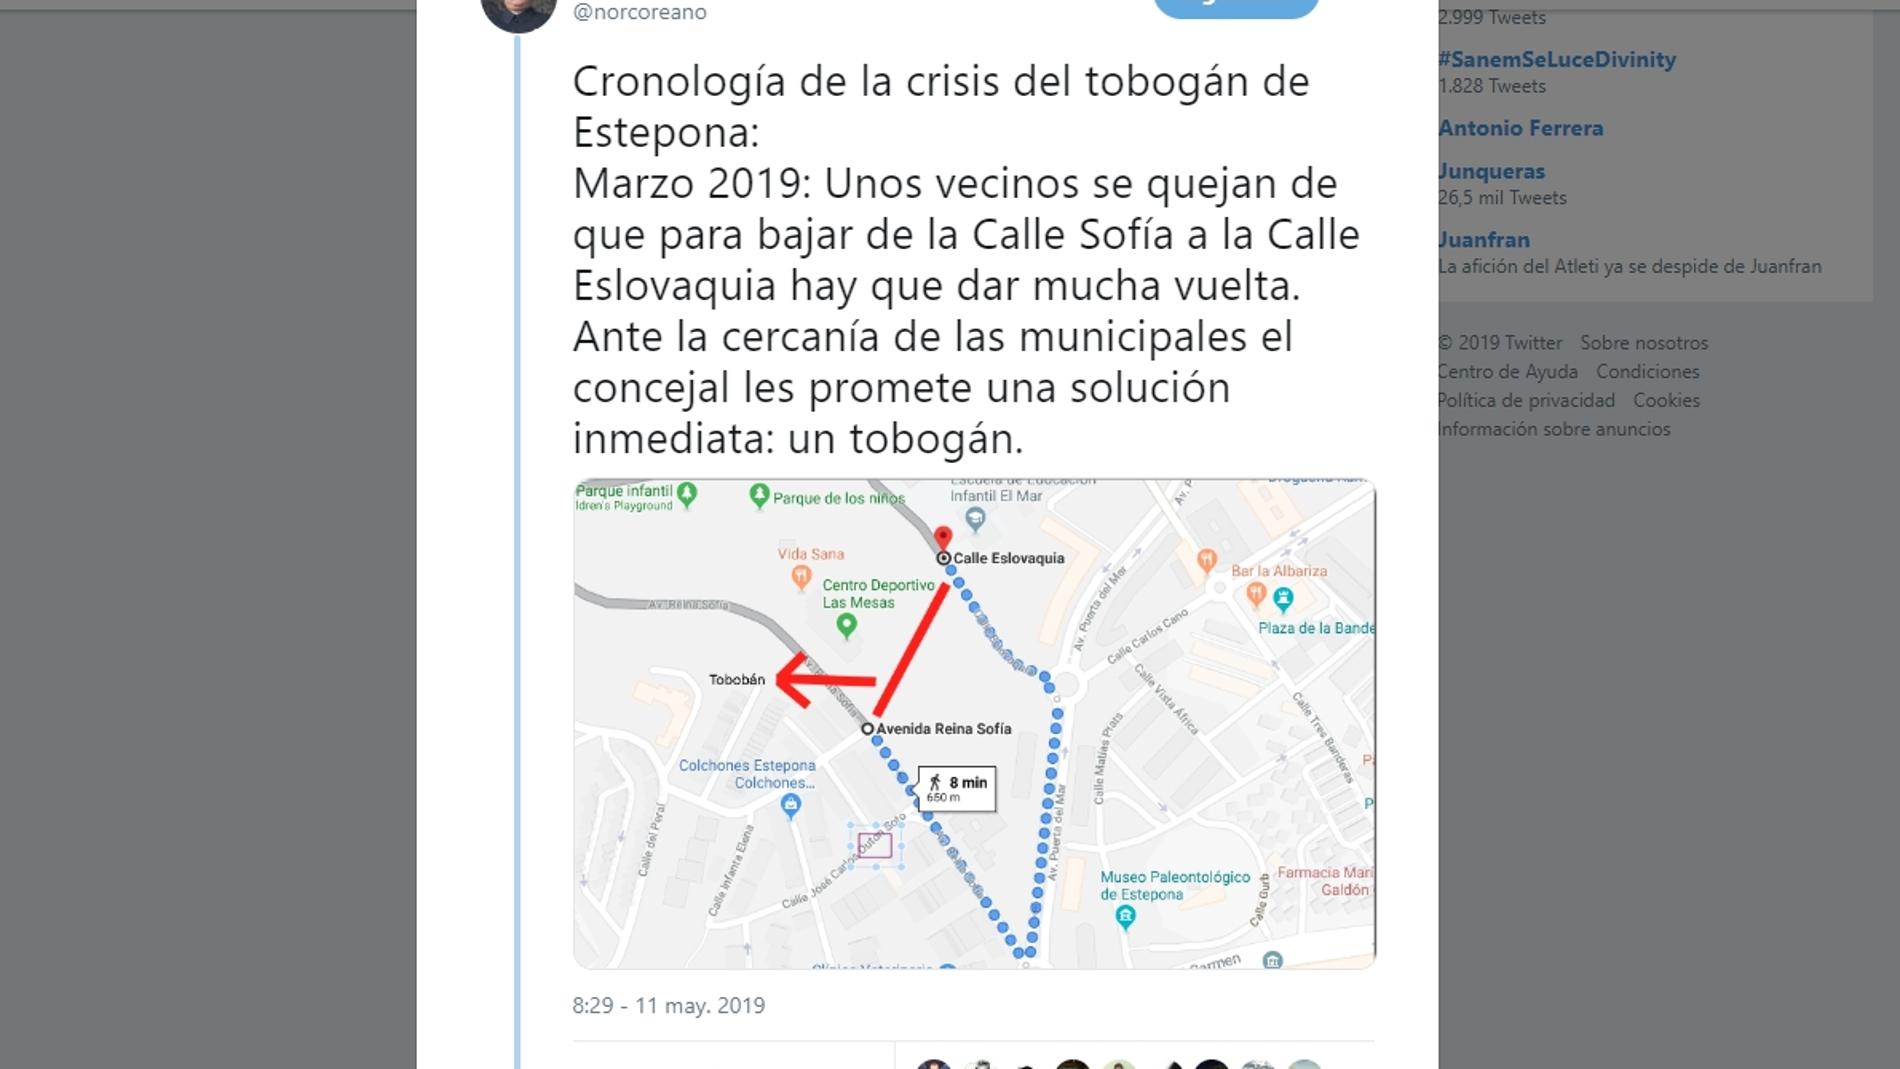 Cronología de la crisis del tobogán